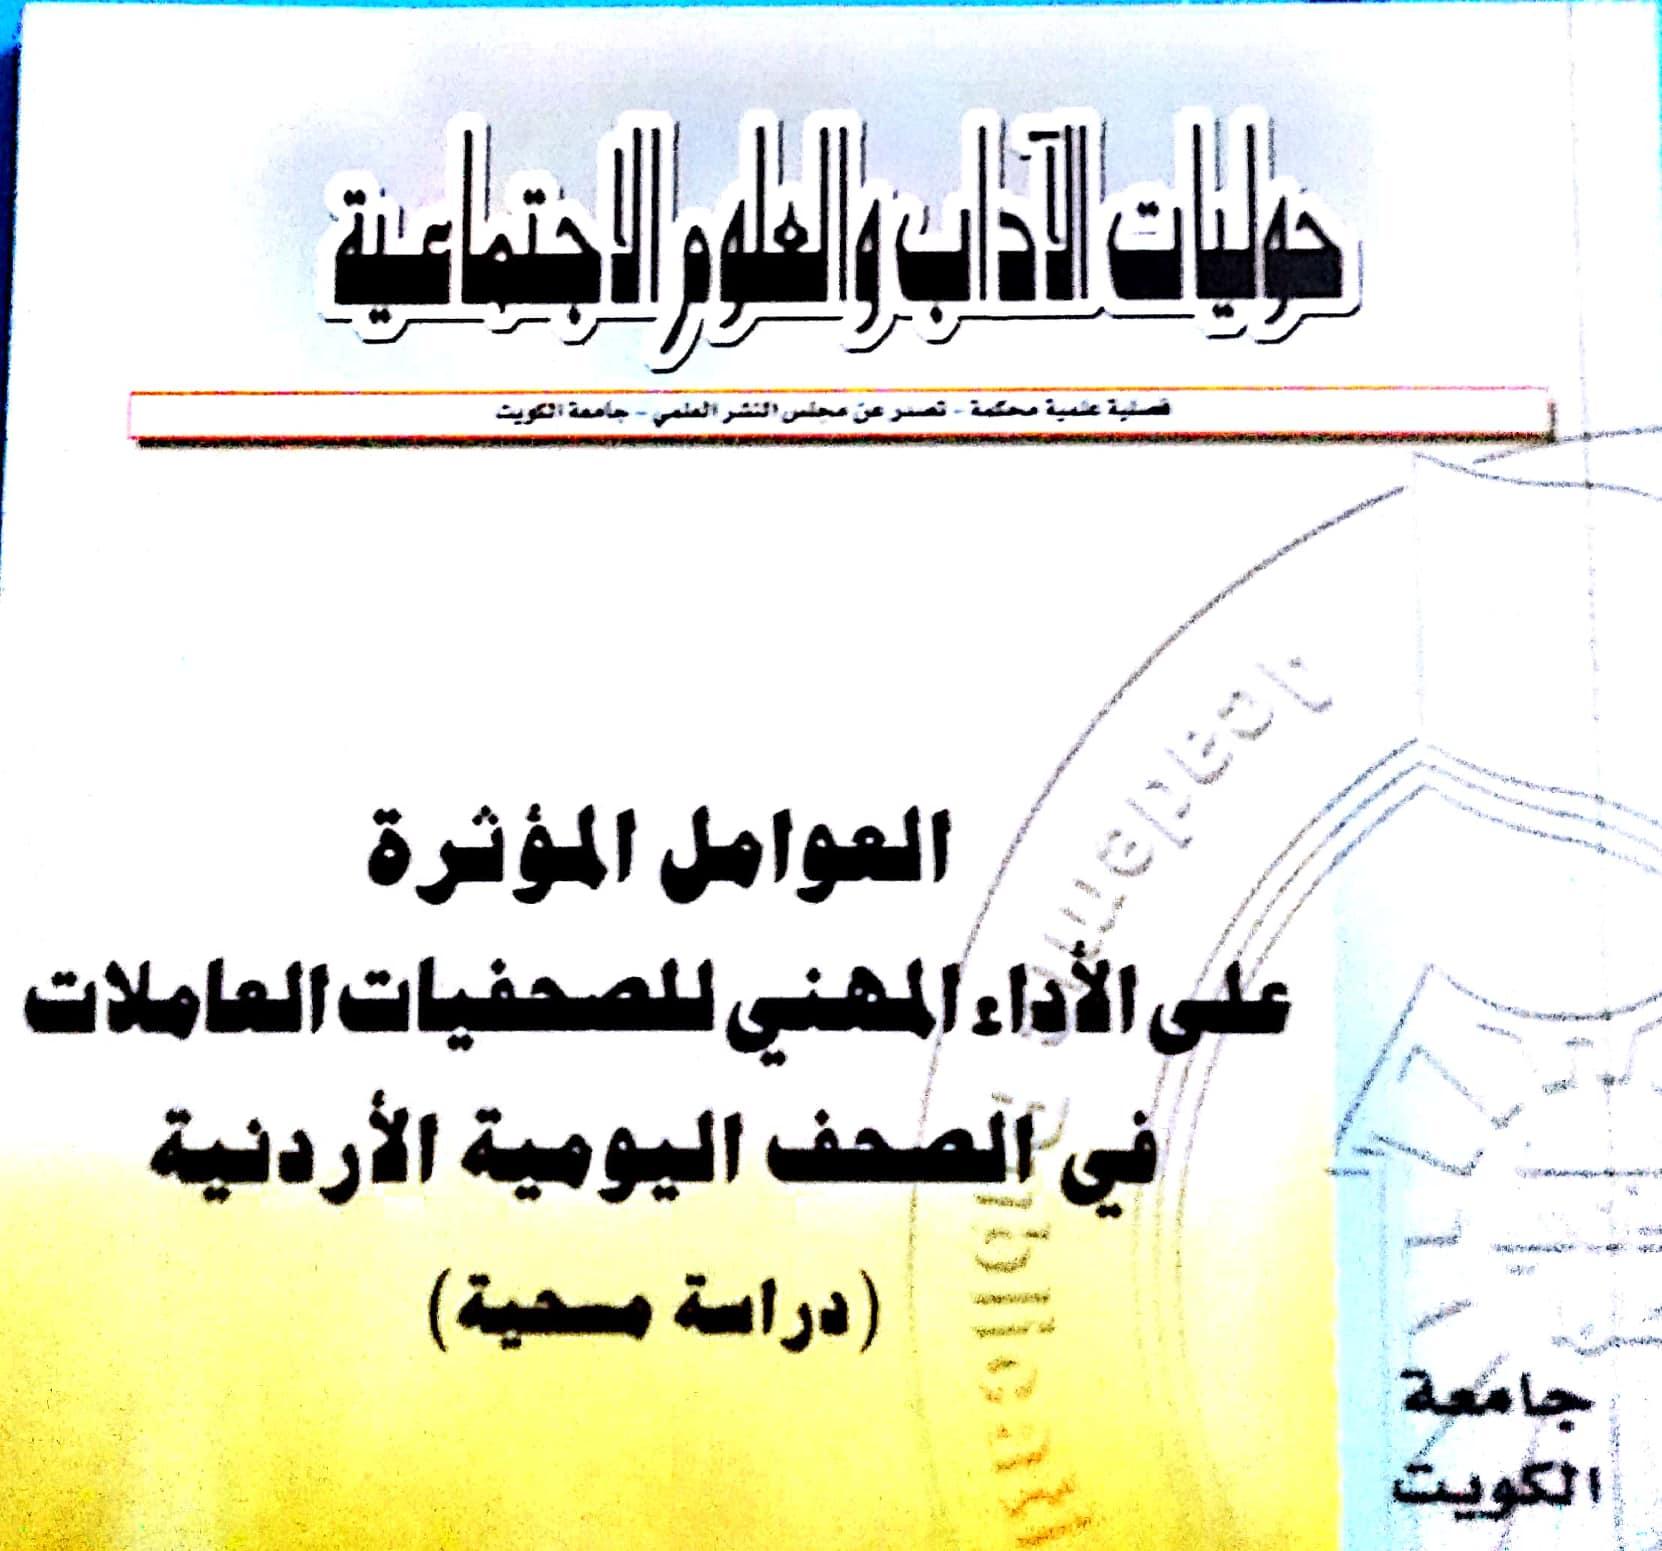 بحث بعنوان : العوامل المؤثرة على الأداء المهنى للصحفيات الأردنيات فى الصحف اليومية : دراسة مسحية